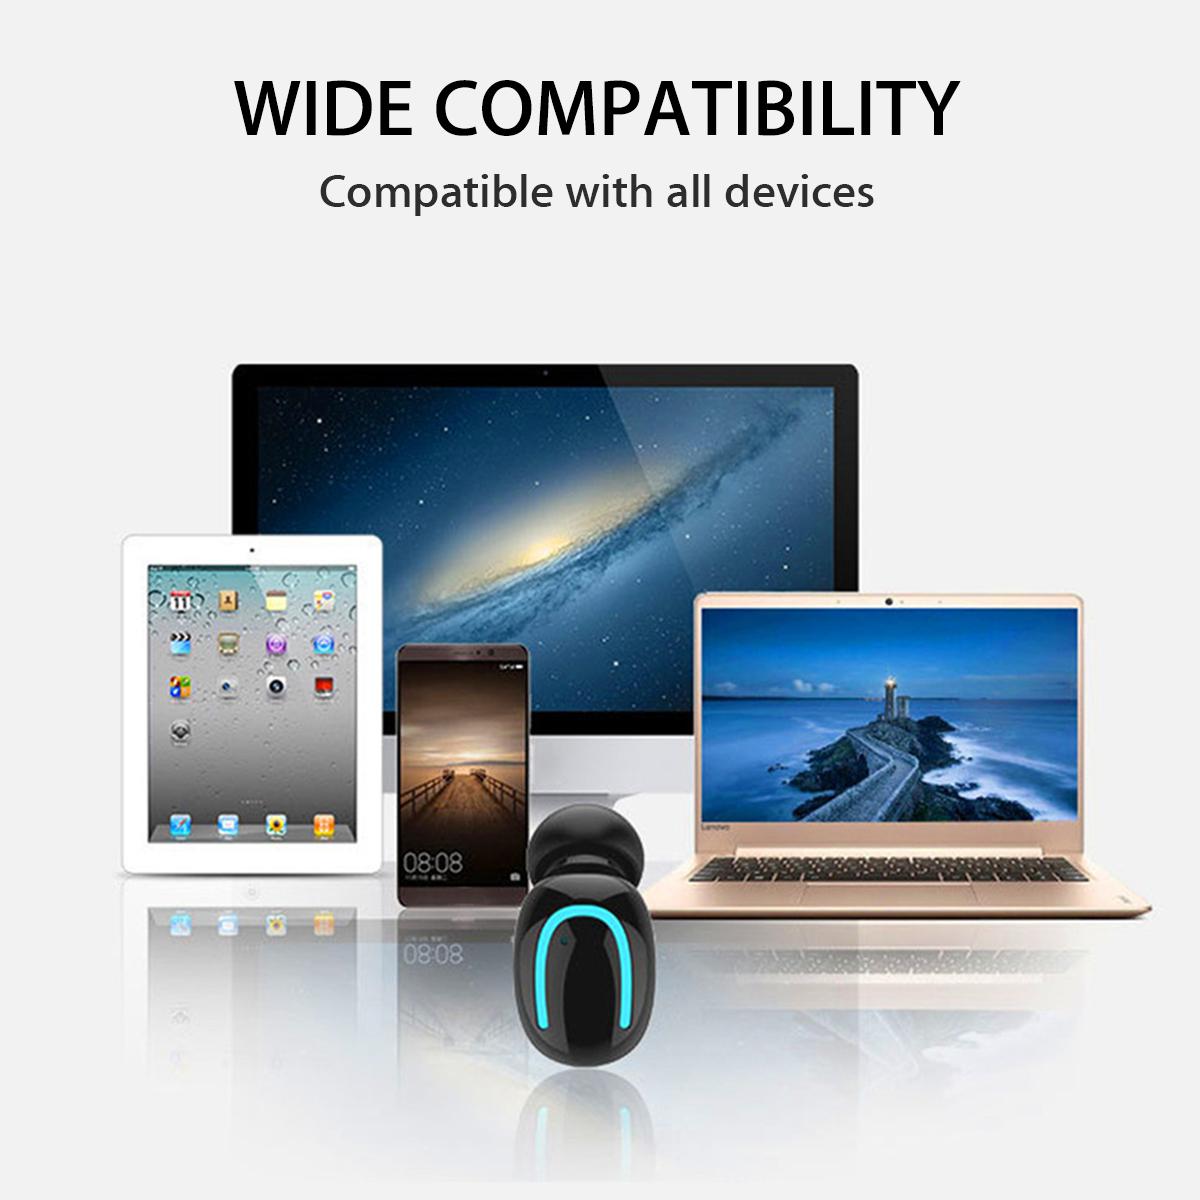 INSMA VFM-1 TWS True Wireless Noise Cancelling Earphones 12